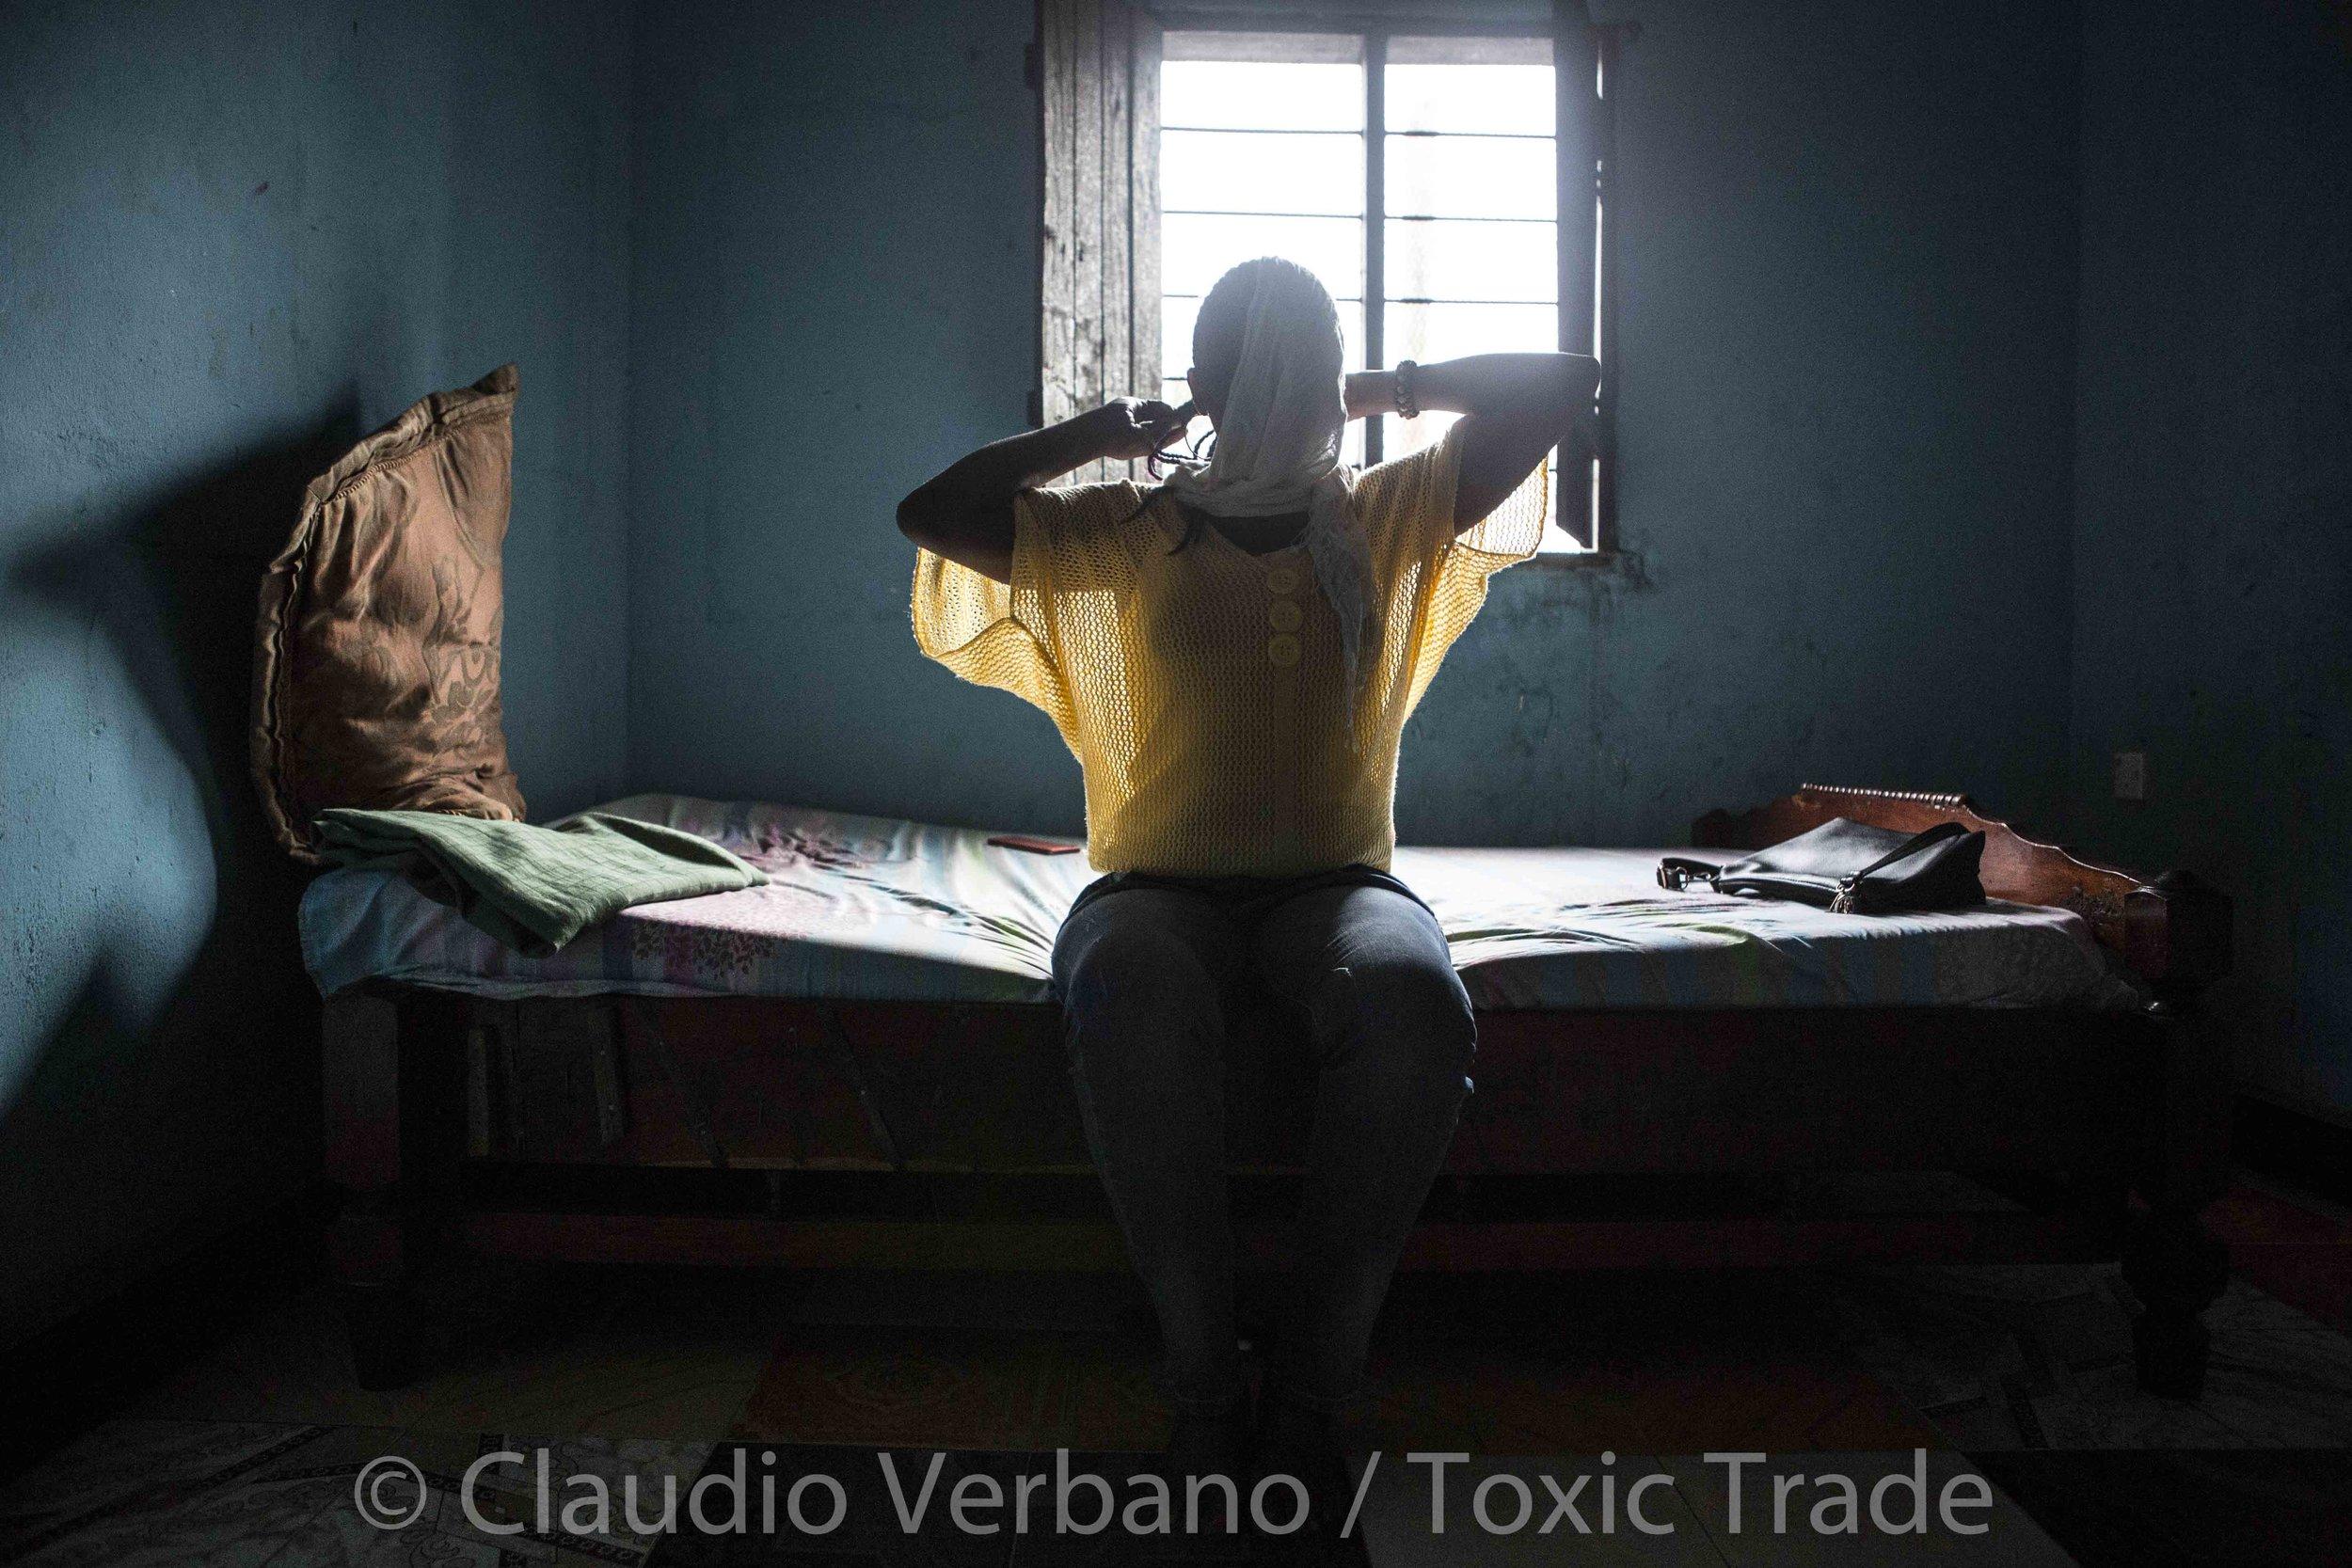 ClaudioVerbano_ToxicTrade_web_30.jpg